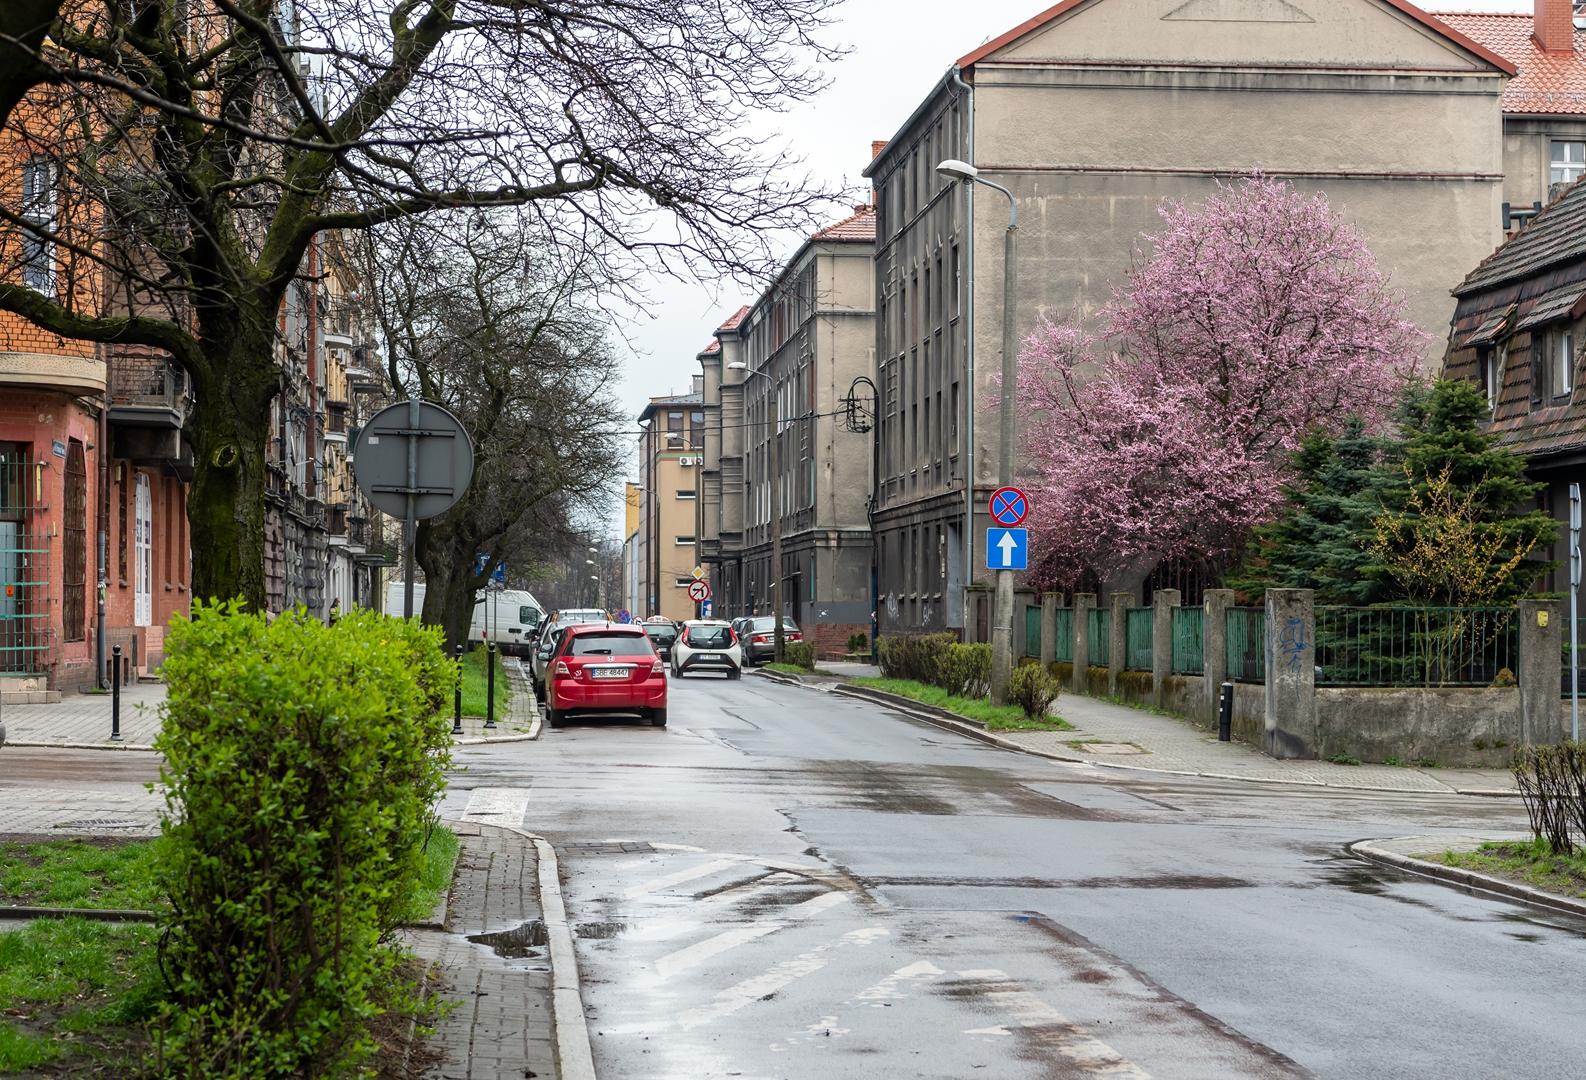 Miasto pozyskało prawie 2 mln zł na przebudowę ul. Nawrota i Smolenia